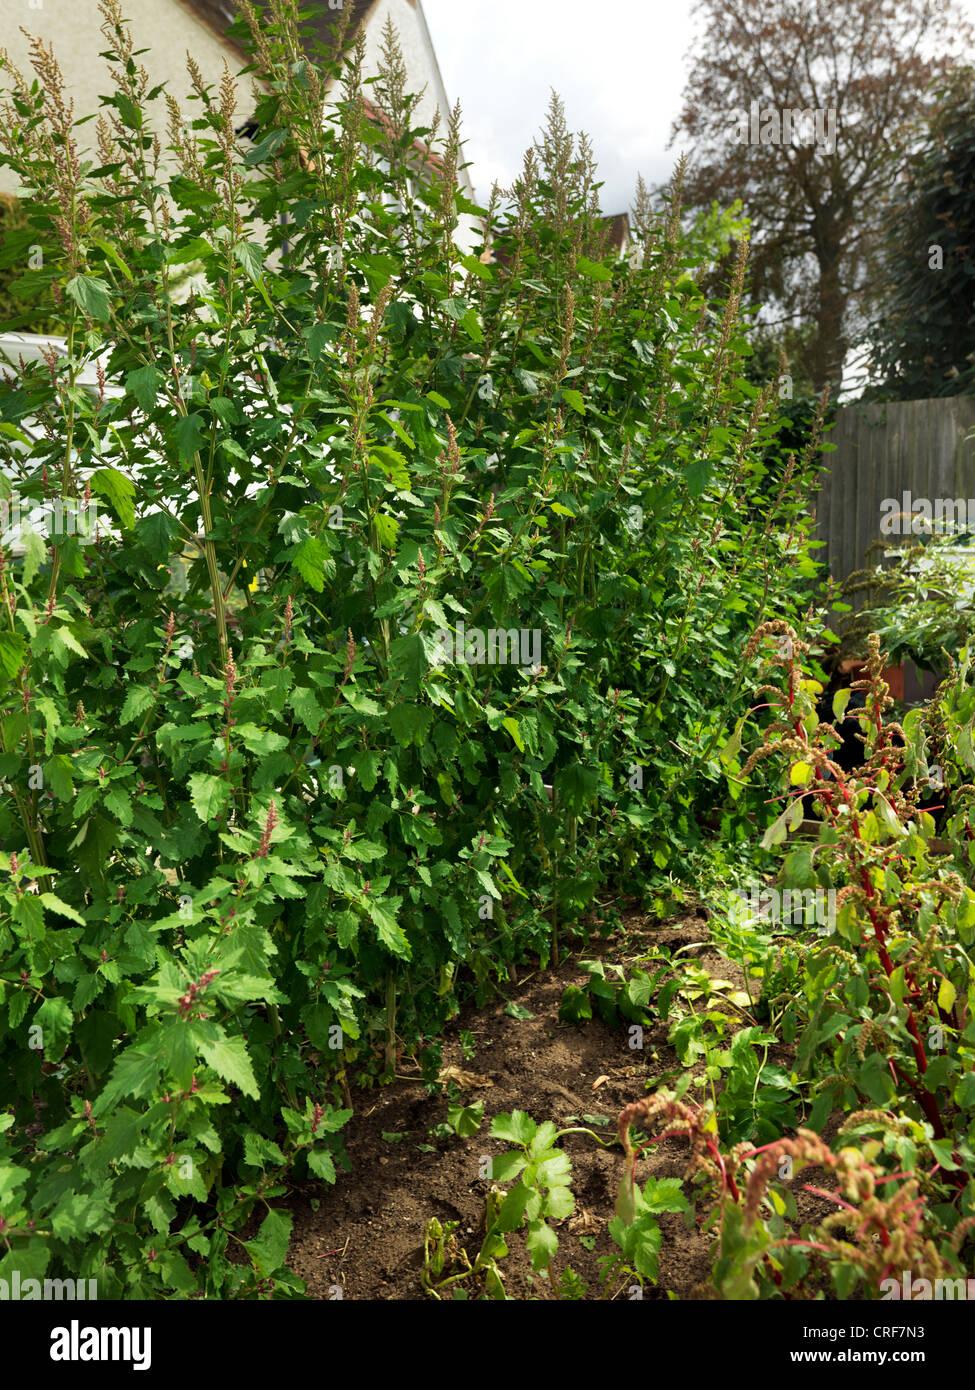 Spinat Baum Wachst In Einem Hochbeet Stockfoto Bild 48893183 Alamy